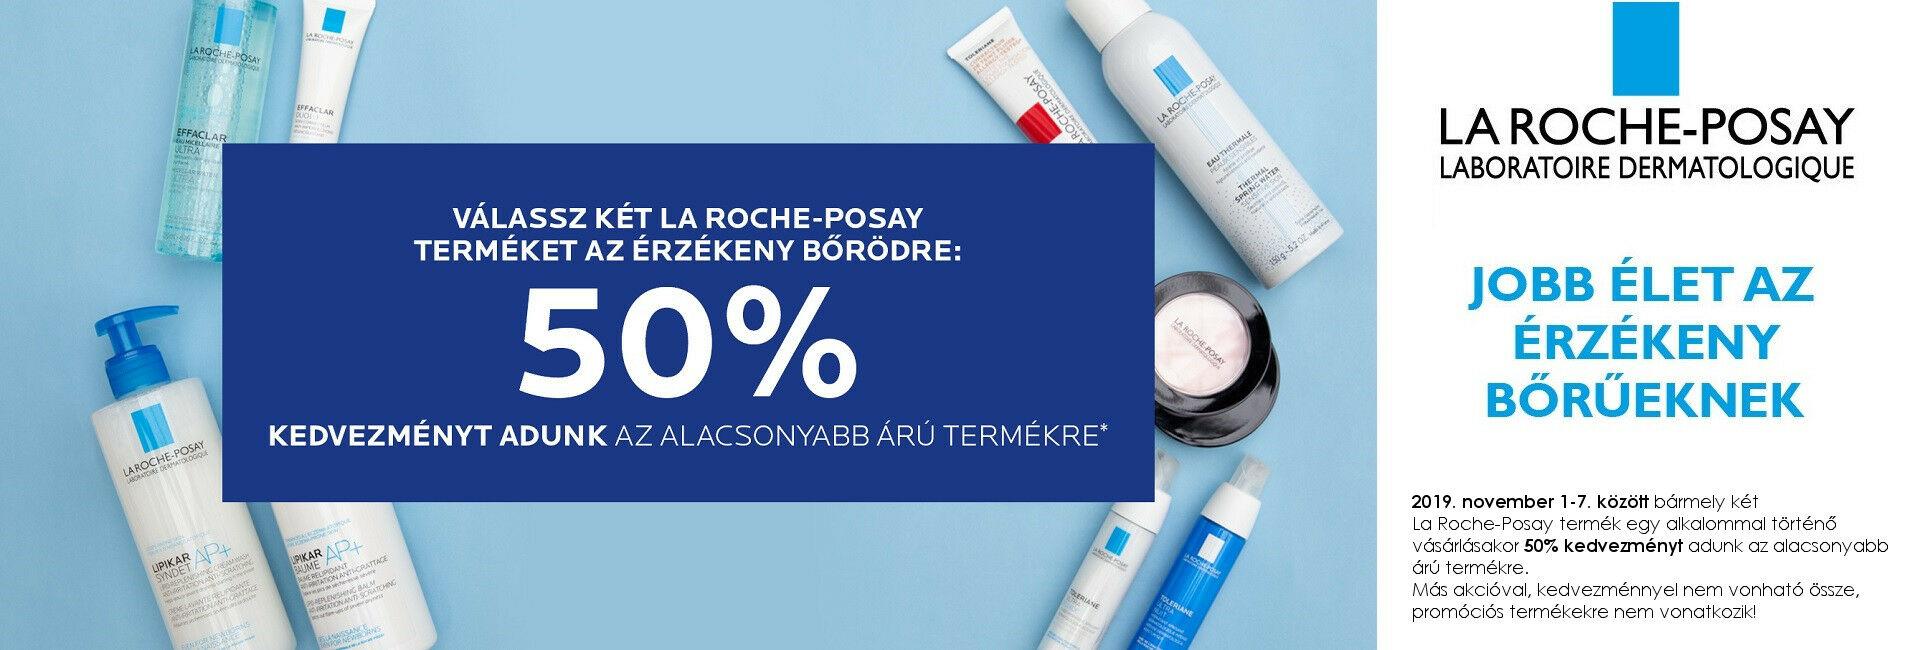 2019. november 1-7. között a második La Roche-Posay termékre 50% kedvezményt adunk!